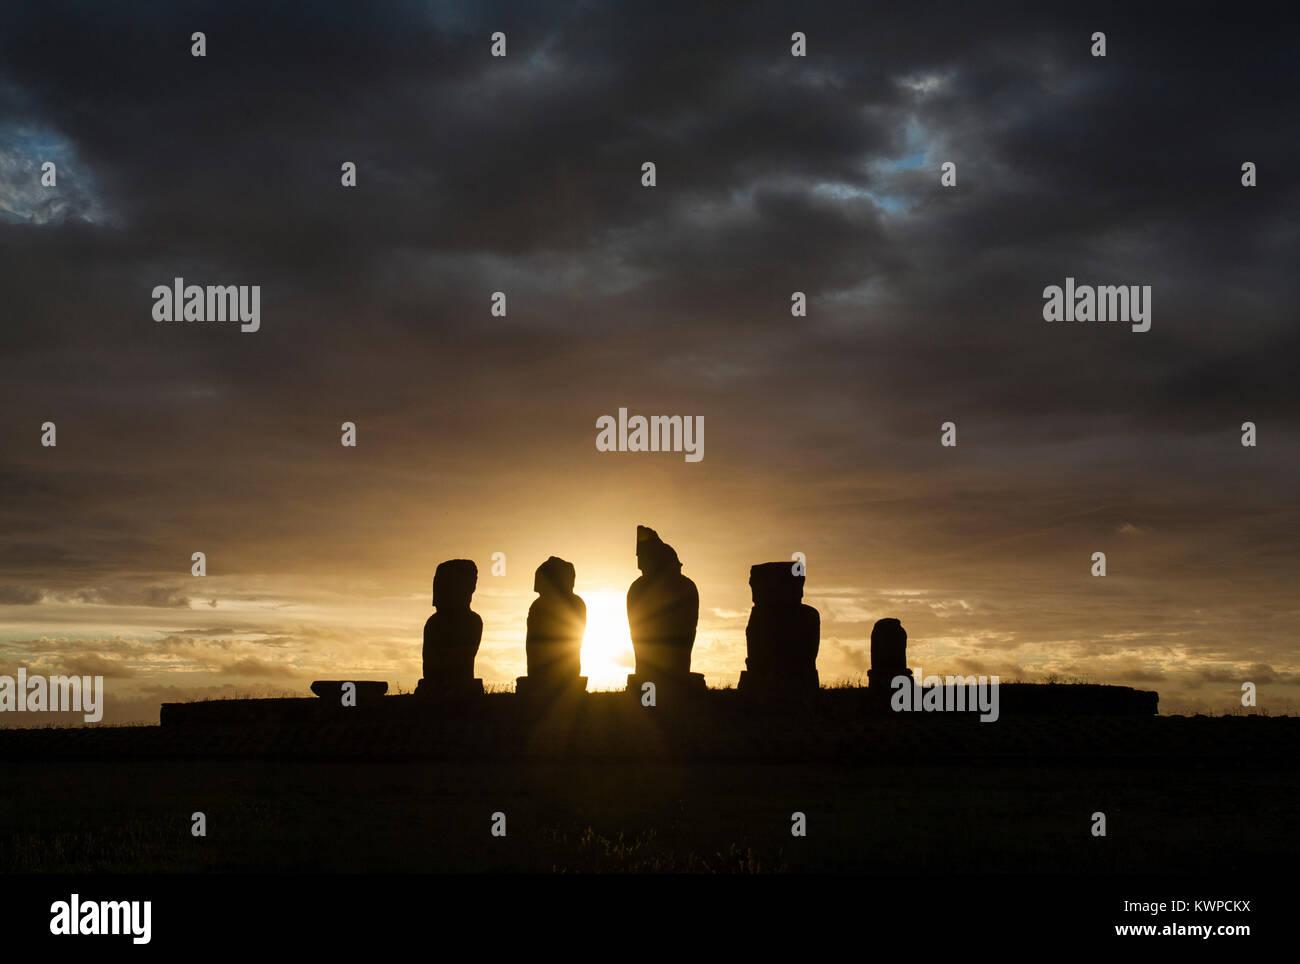 Sunset at the statues of Ahu Tahai at Easter Island (Rapa Nui/ Isla de Pascua), Chile - Stock Image